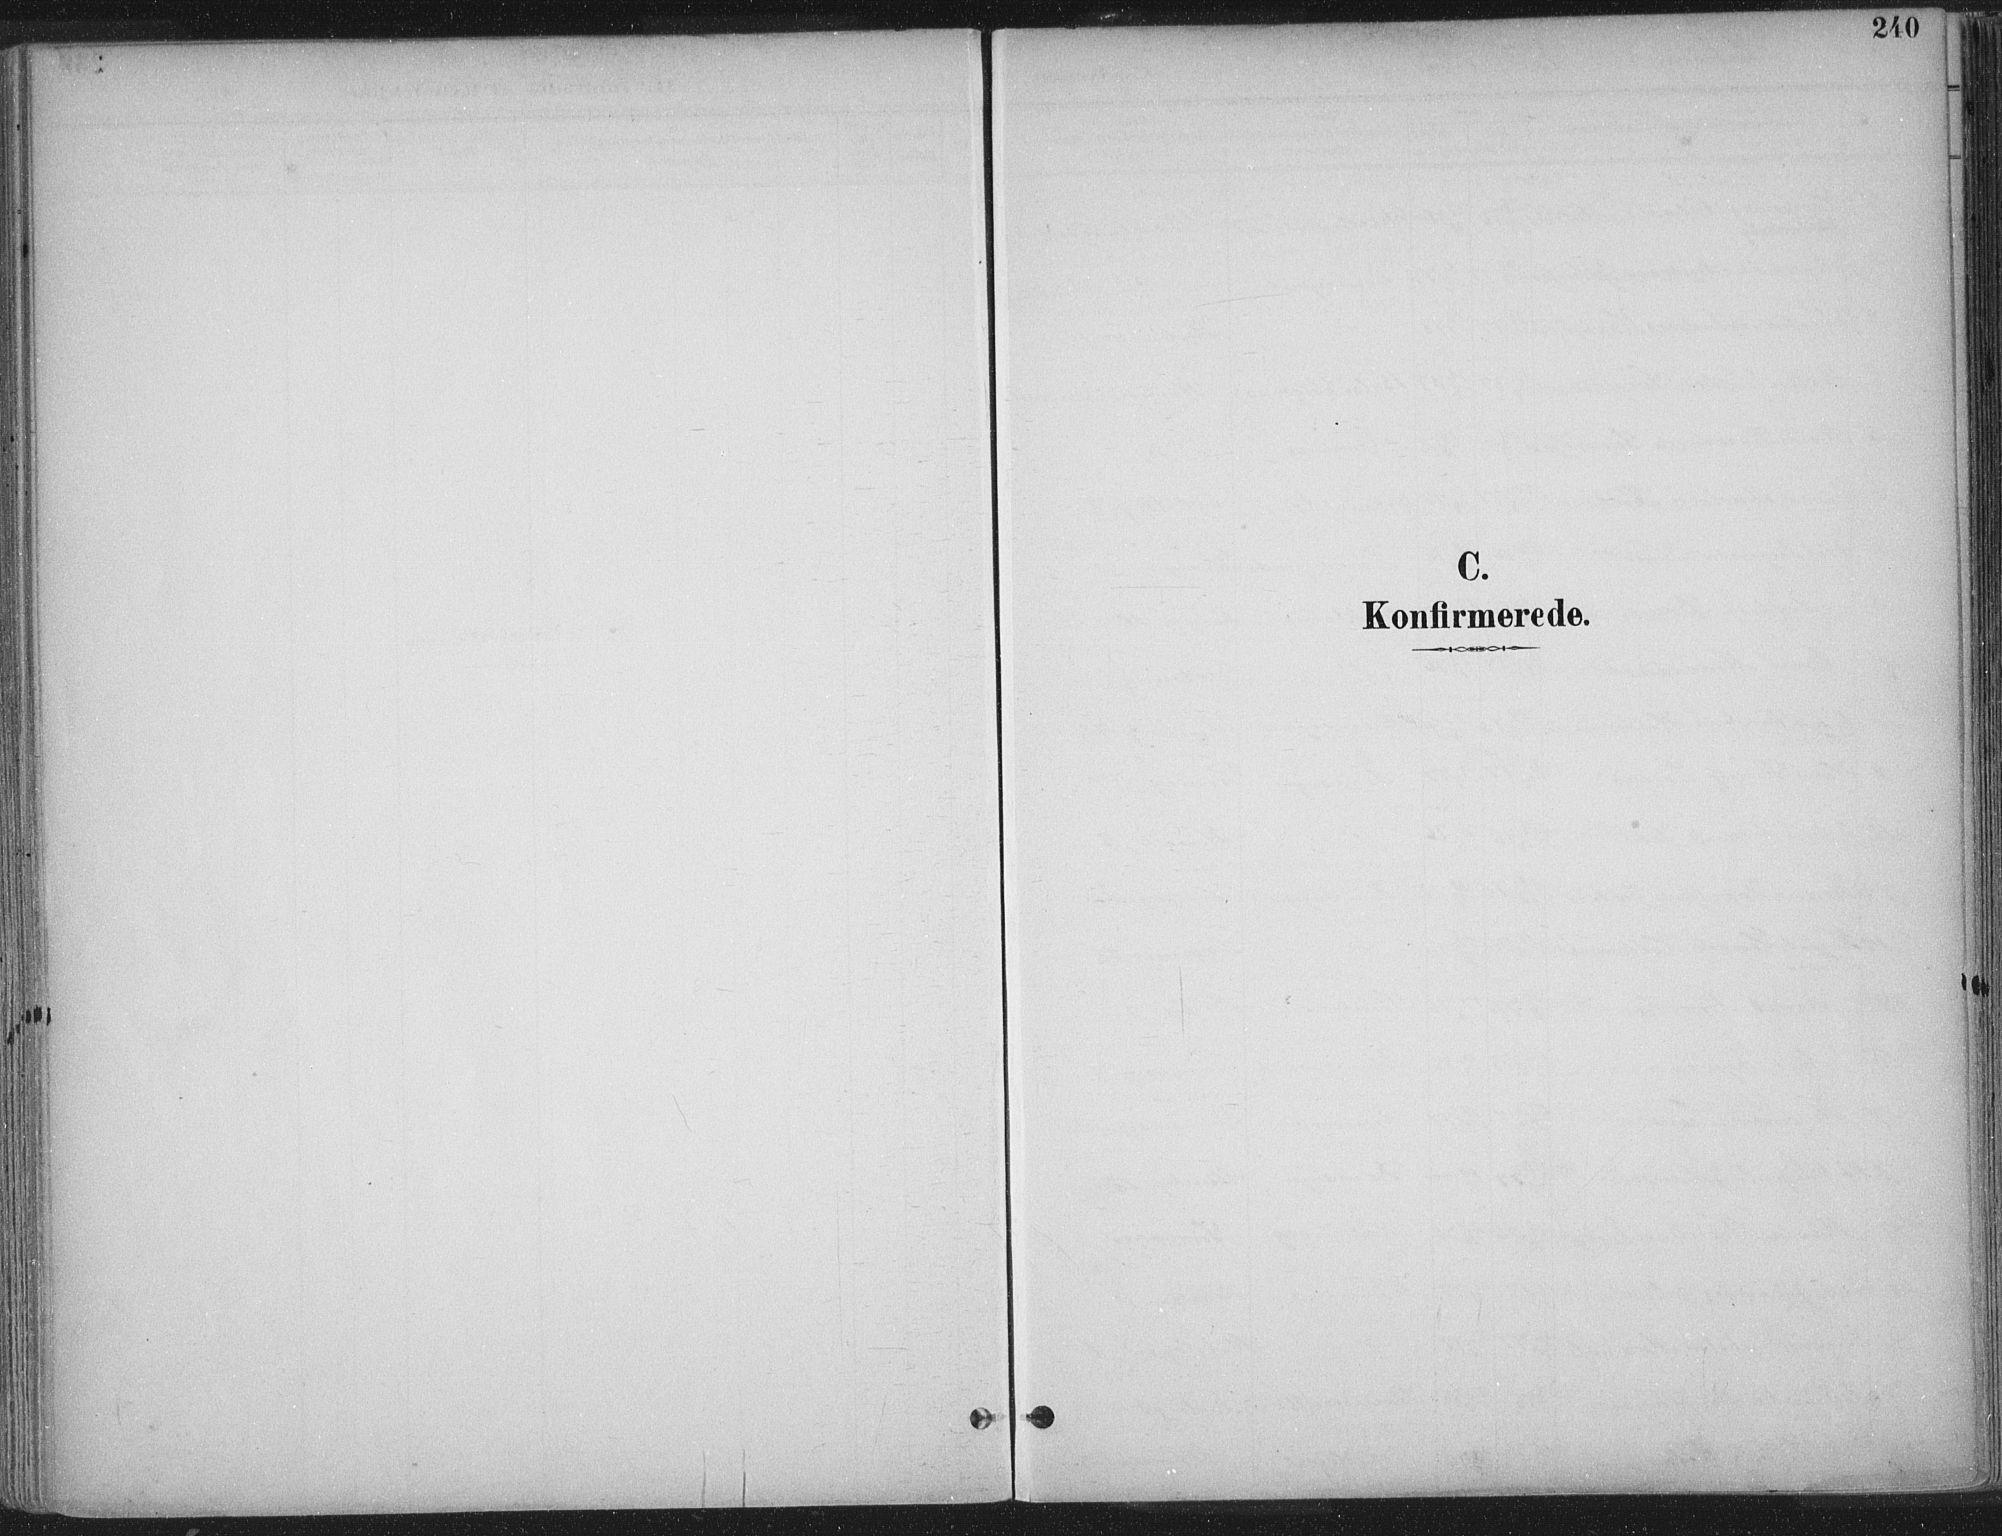 SAT, Ministerialprotokoller, klokkerbøker og fødselsregistre - Sør-Trøndelag, 601/L0062: Ministerialbok nr. 601A30, 1891-1911, s. 240